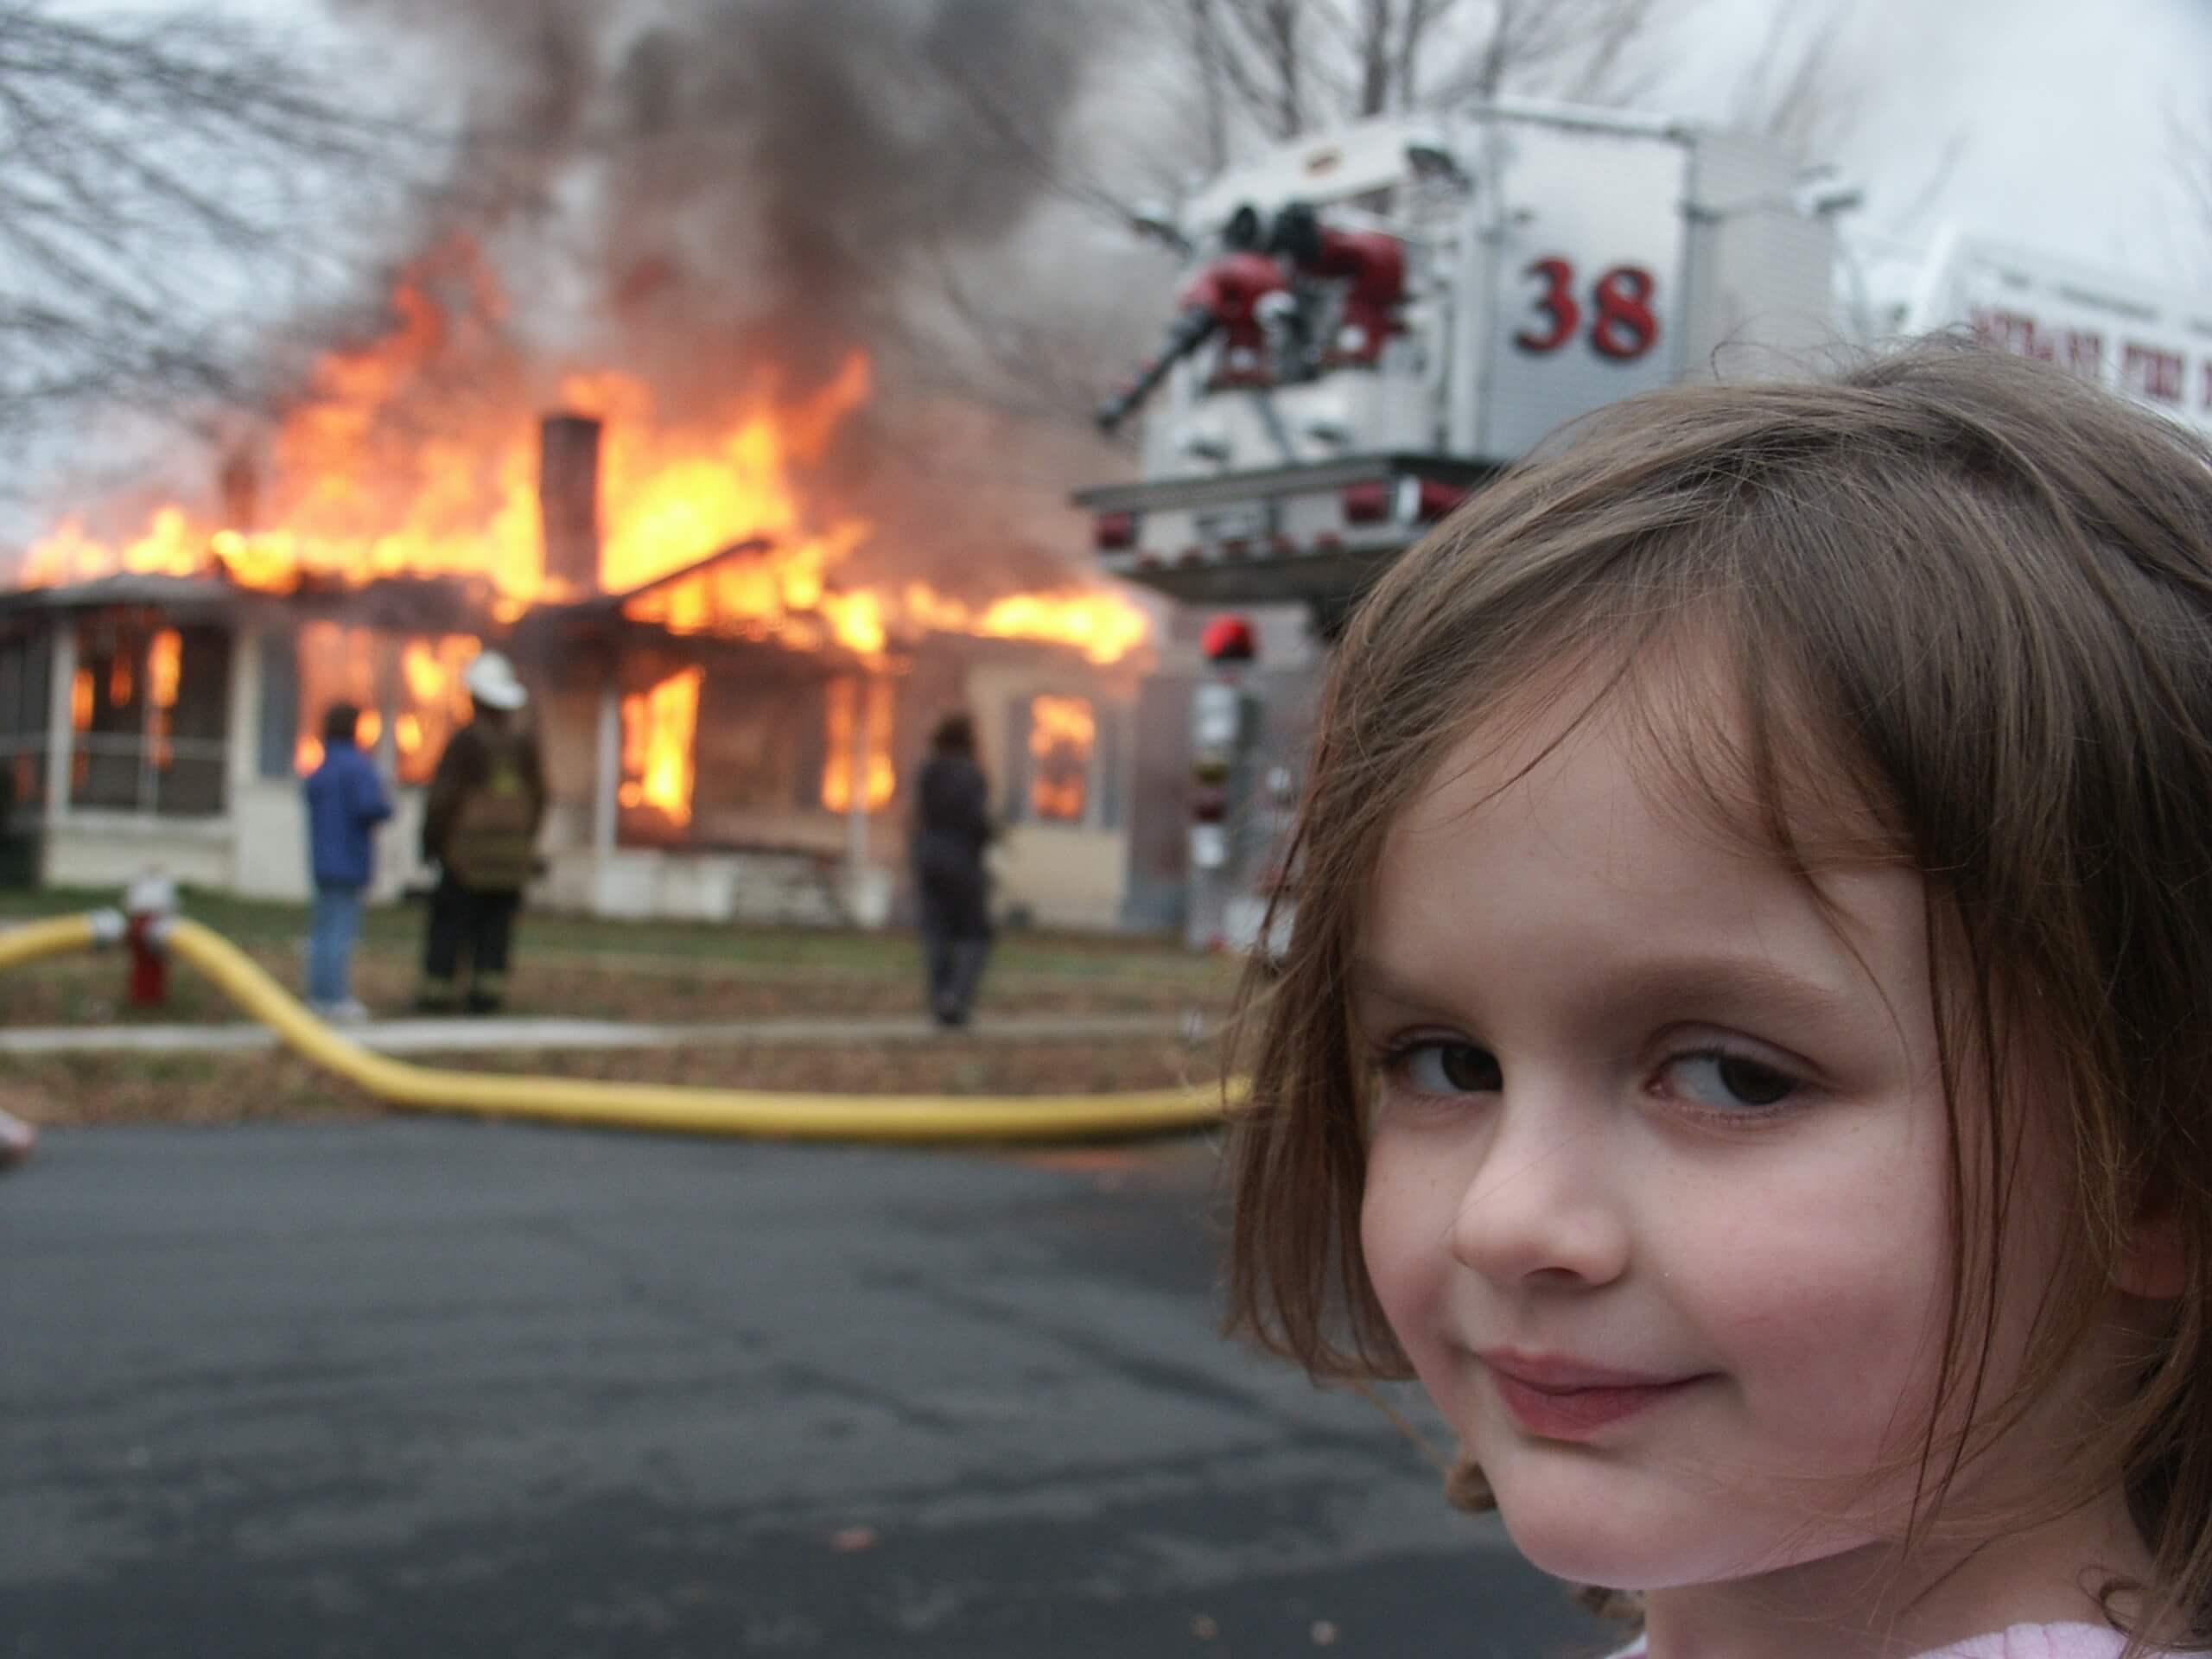 Menina olha diretamente para a câmera com olhar maléfico enquanto uma casa em chamas é socorrida pelos bombeiros.